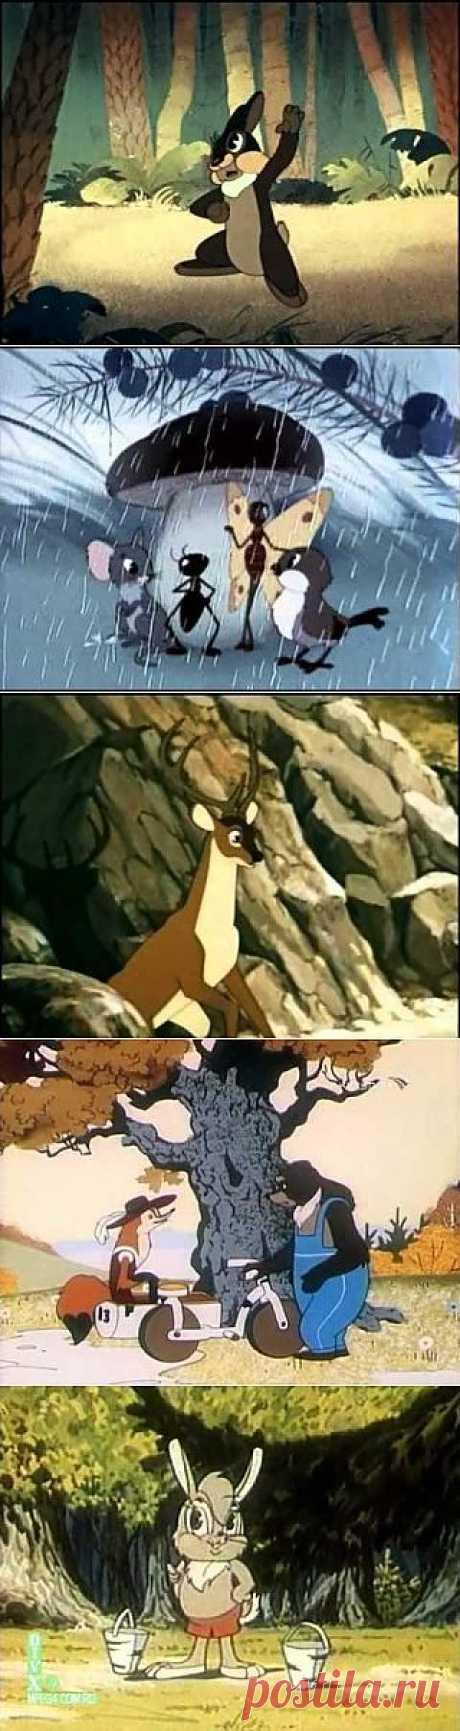 Отличная подборка добрых мультфильмов для ваших деток!